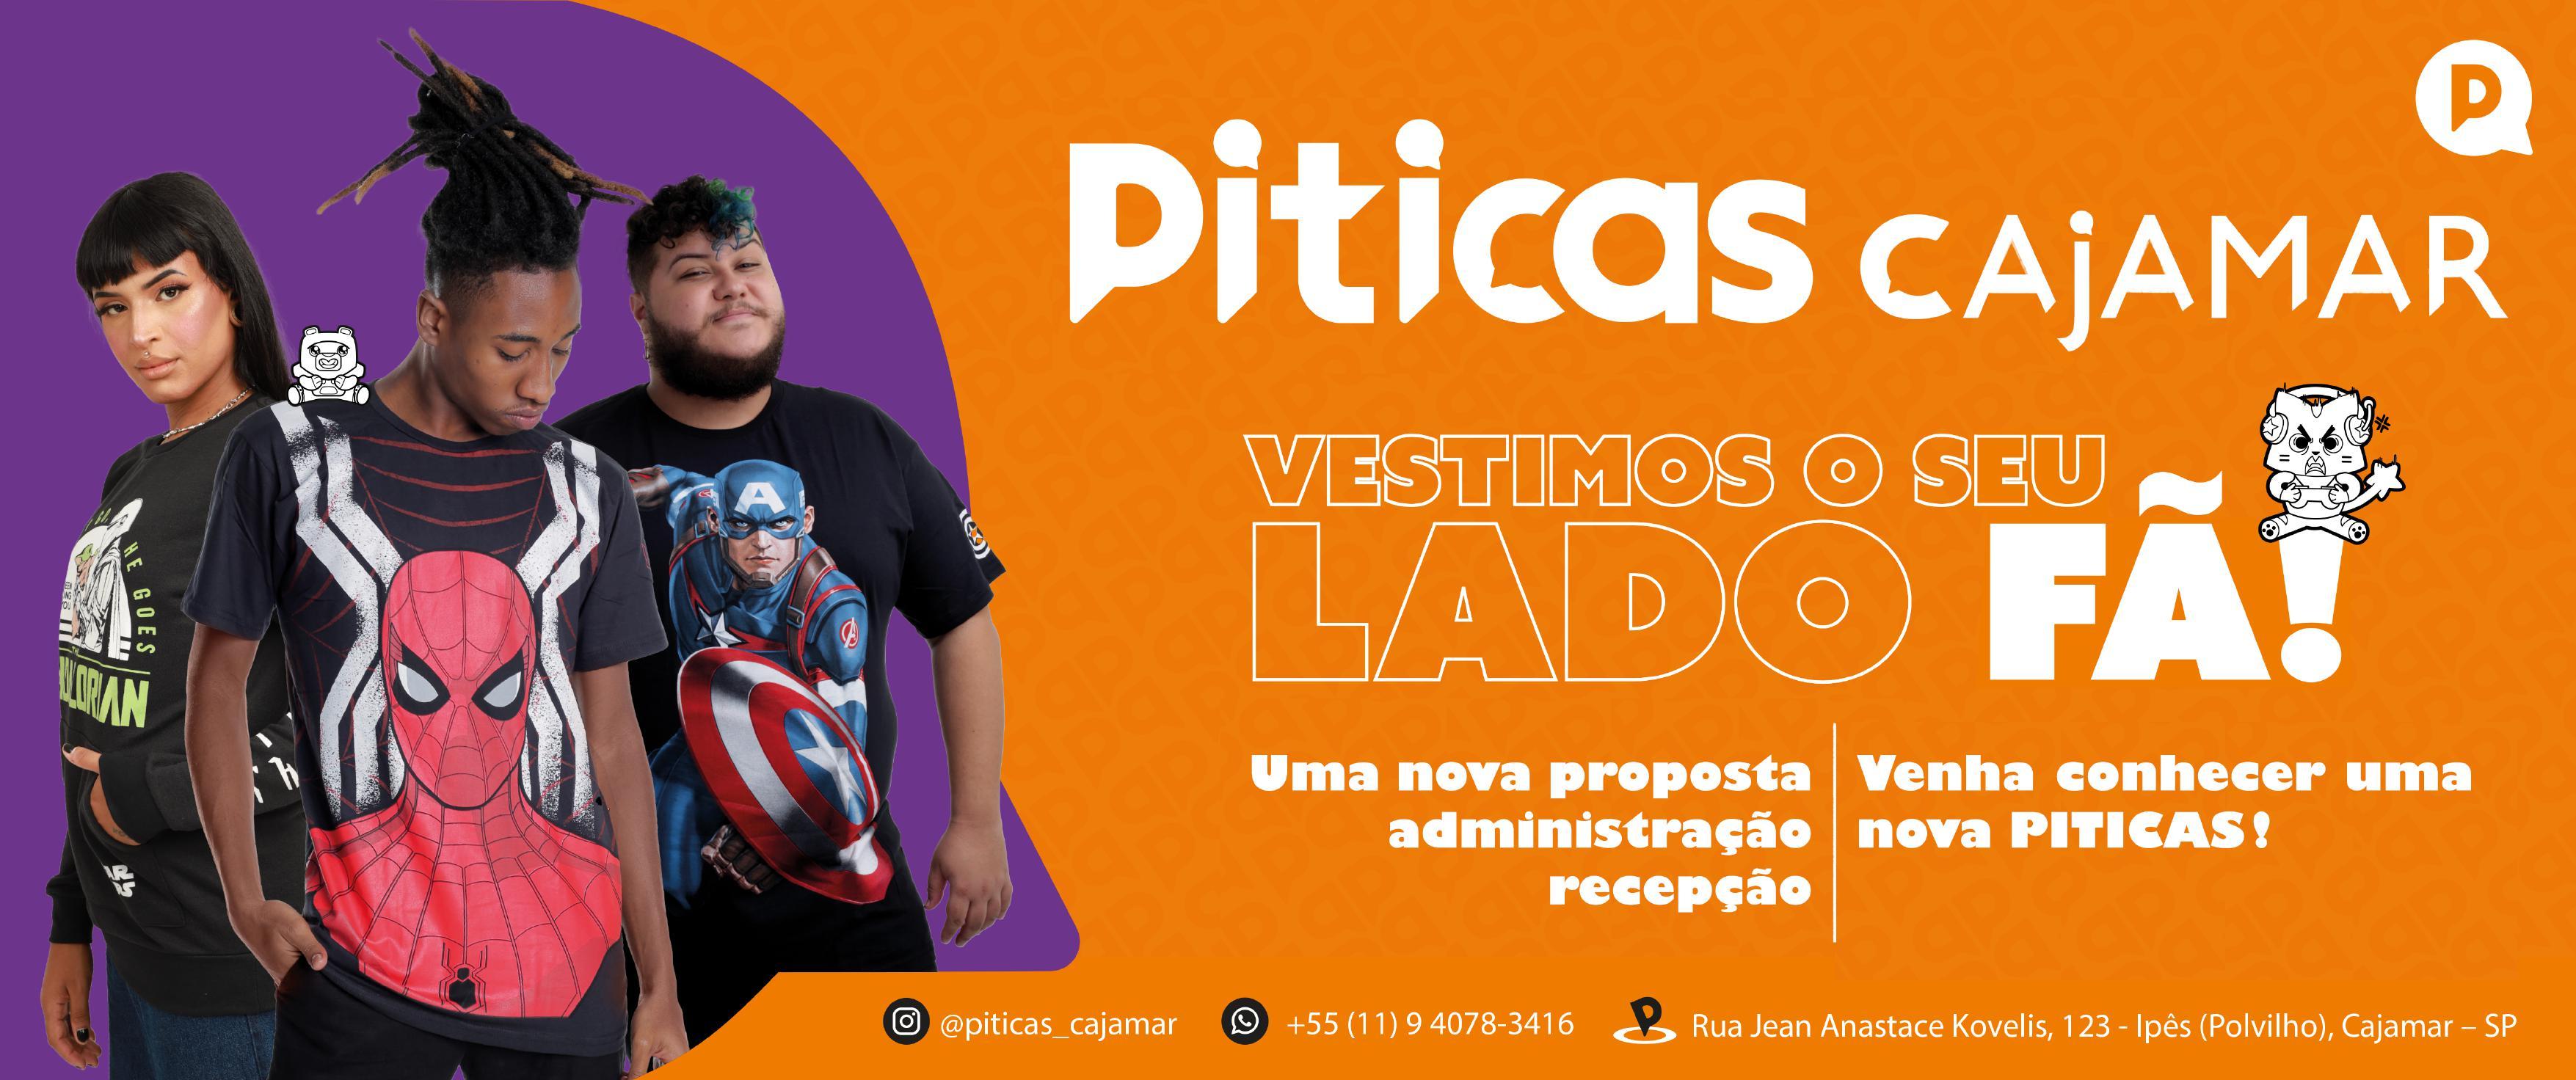 Banner Piticas